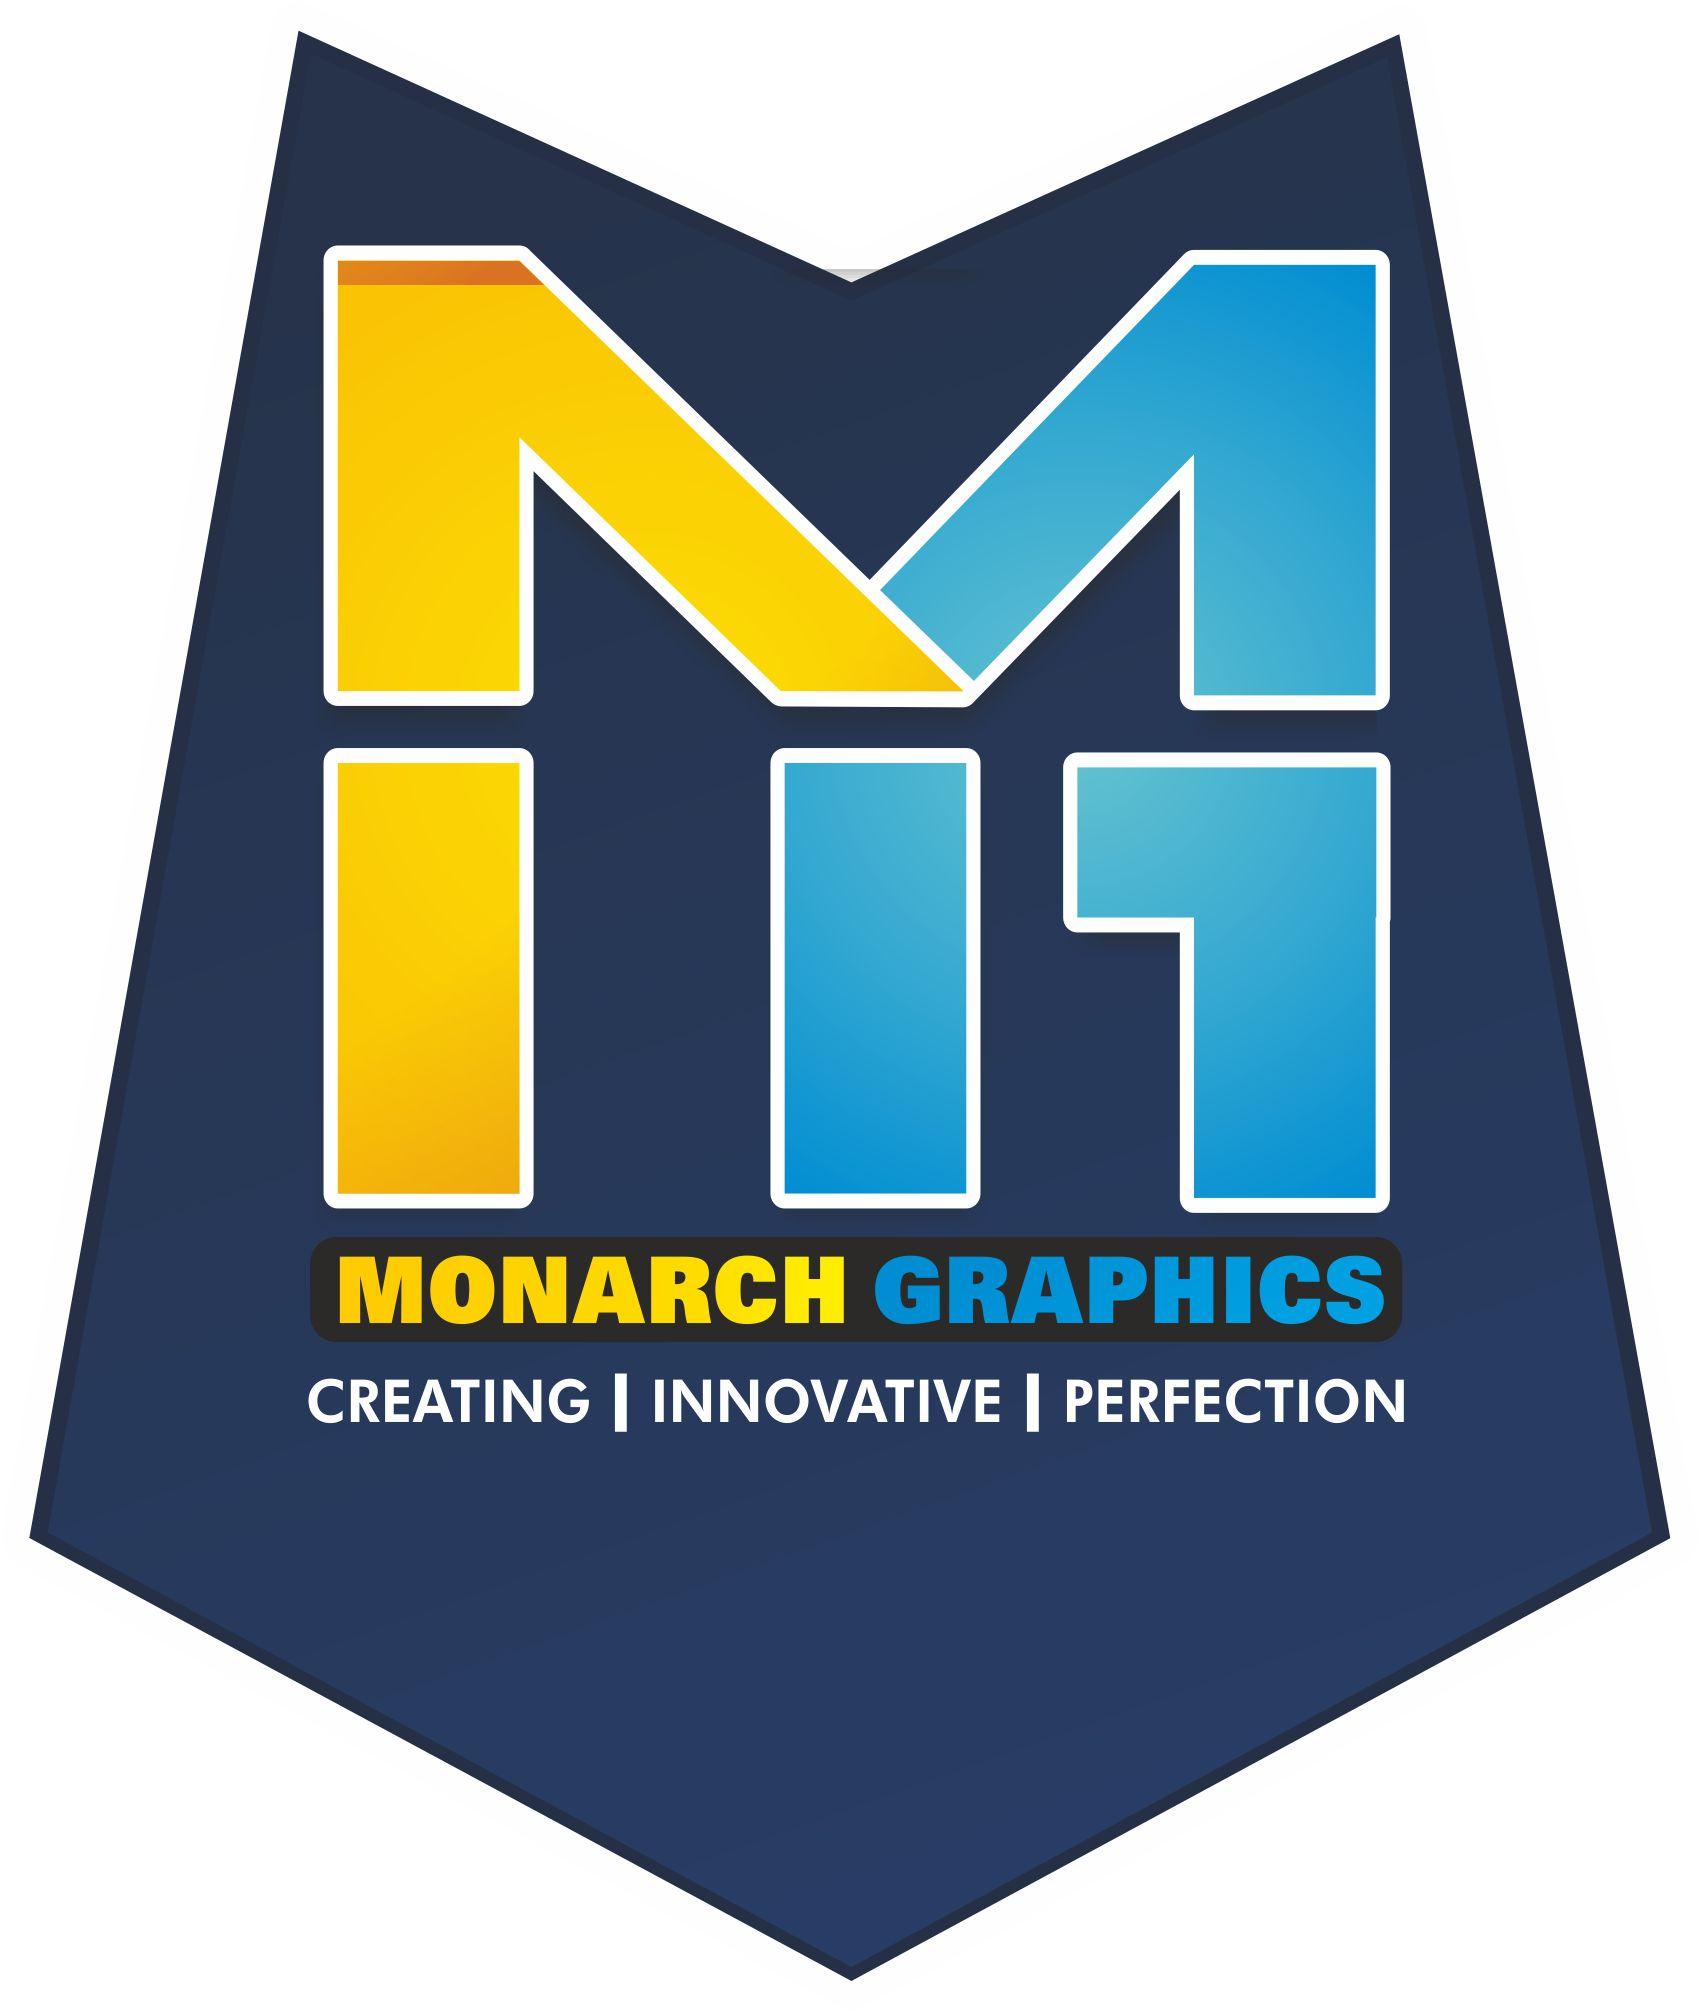 MONARCH GRAPHICS (I) PVT LTD